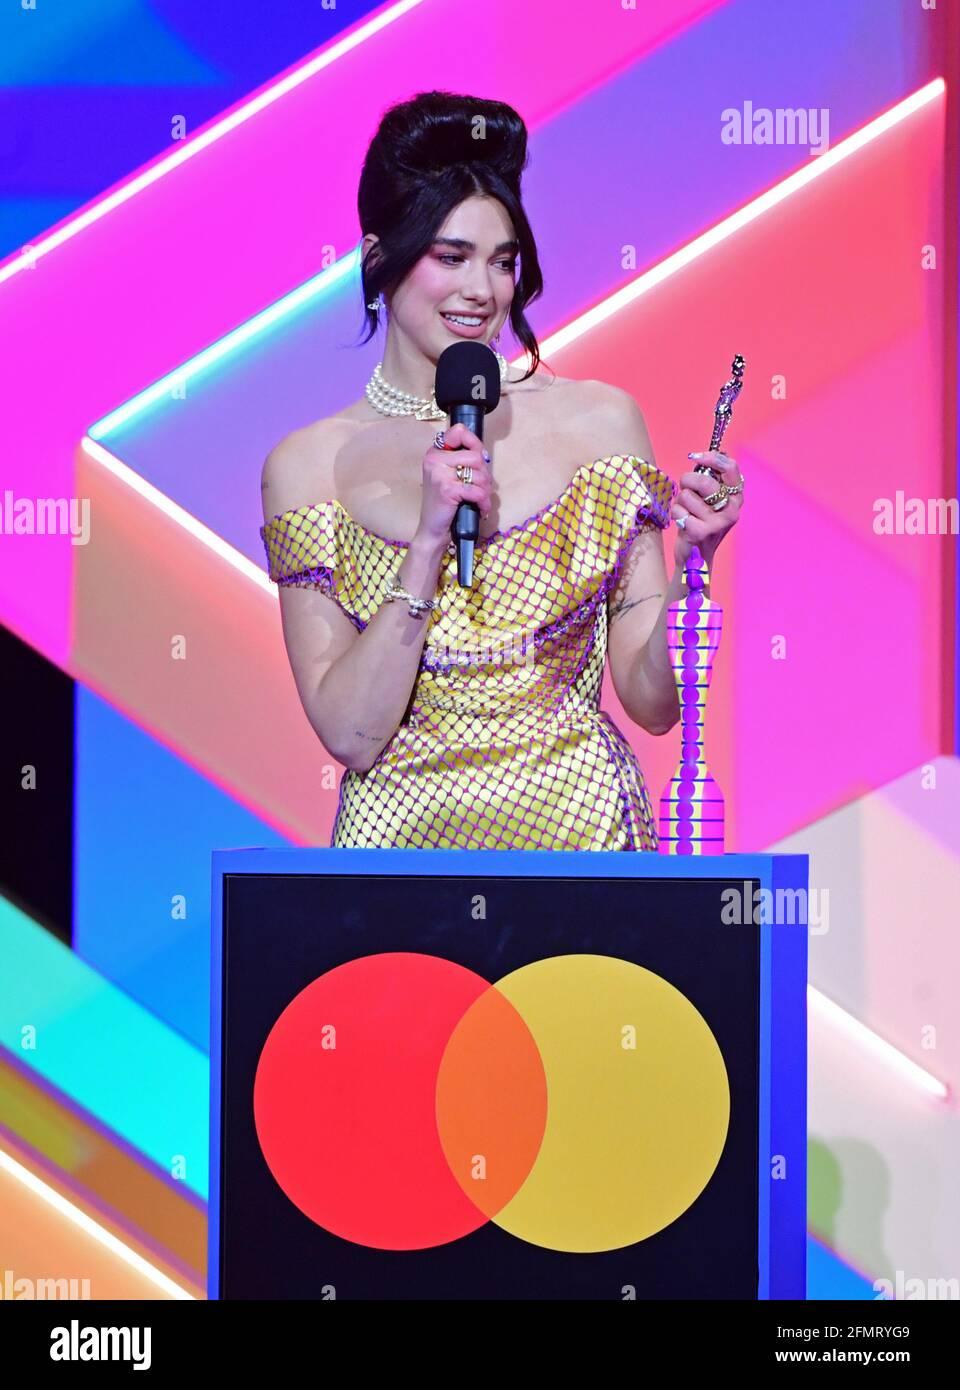 Dua Lipa accetta il premio per Female solo Artist durante i Brit Awards 2021 all'O2 Arena di Londra. Data immagine: Martedì 11 maggio 2021. Foto Stock